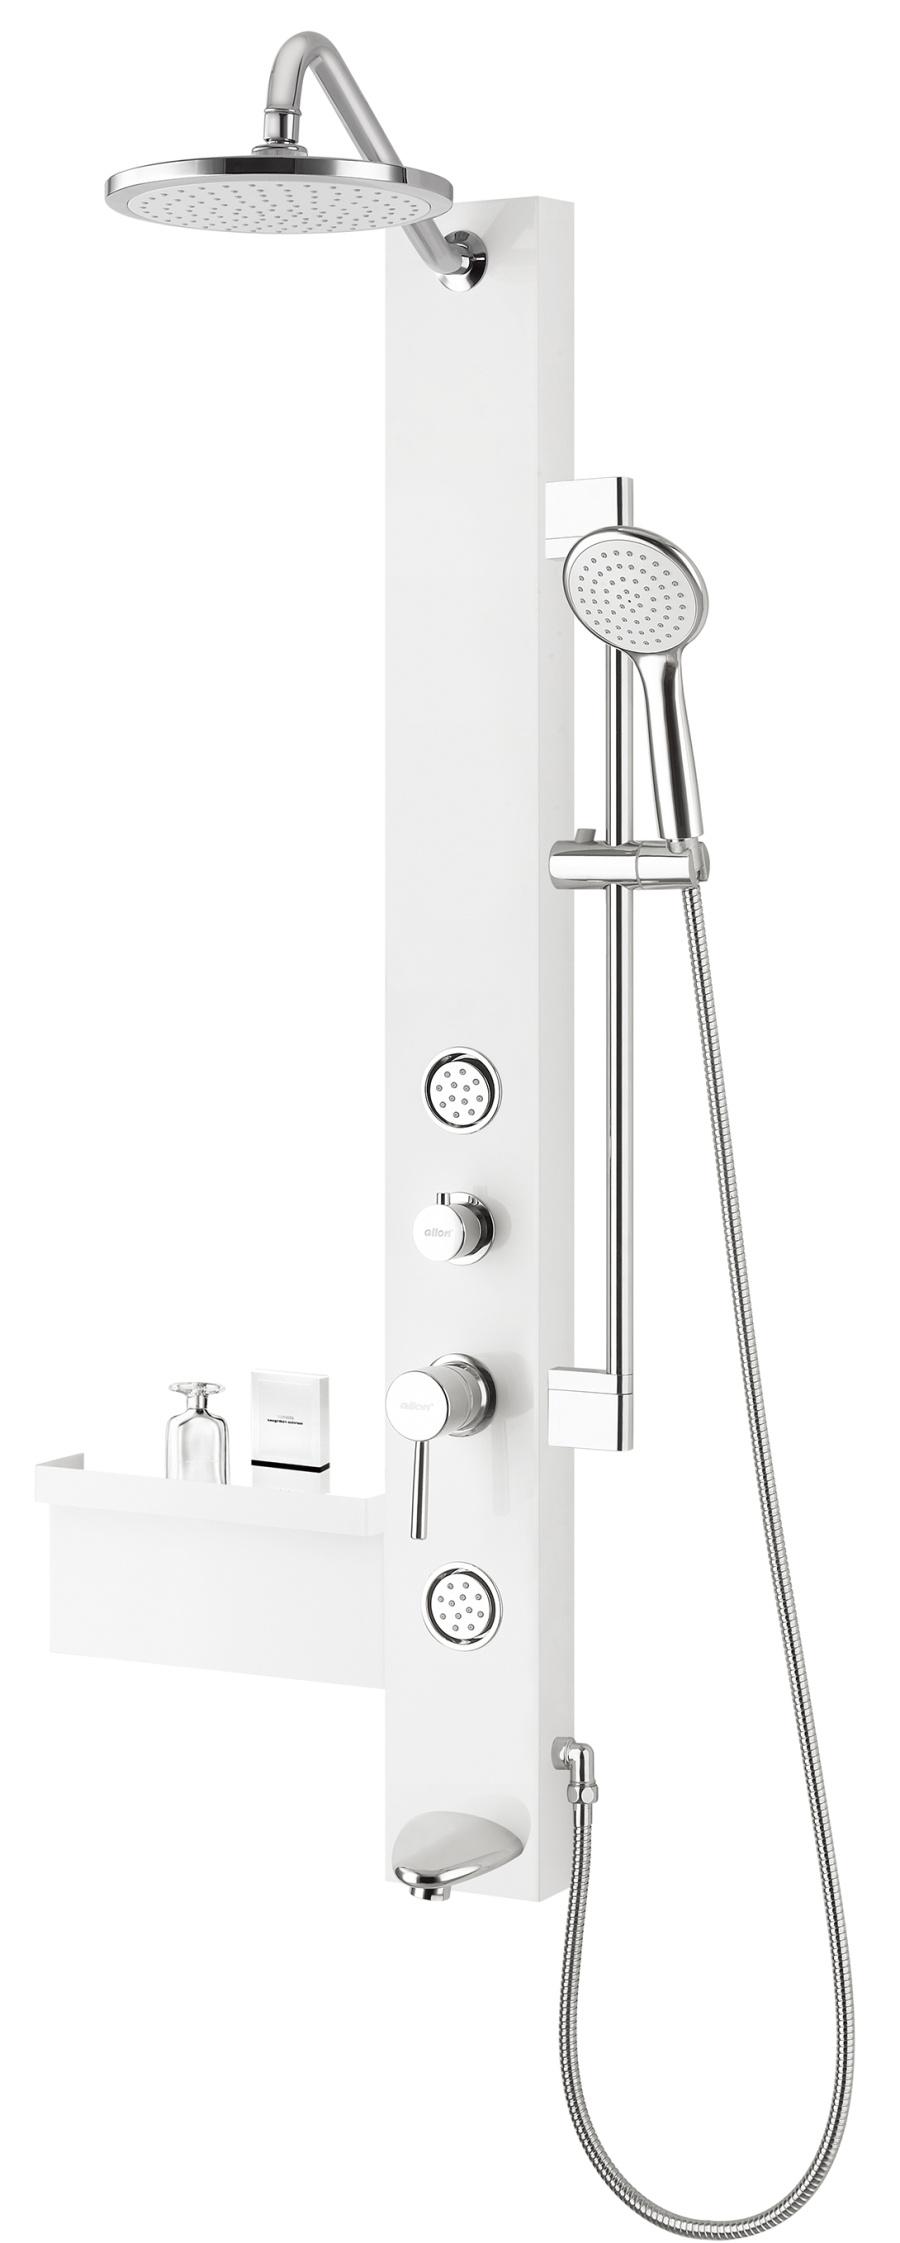 nouveau panneau multifonctionnel de douche de pvc de la salle de bains 2014 sl2104w 1 s. Black Bedroom Furniture Sets. Home Design Ideas